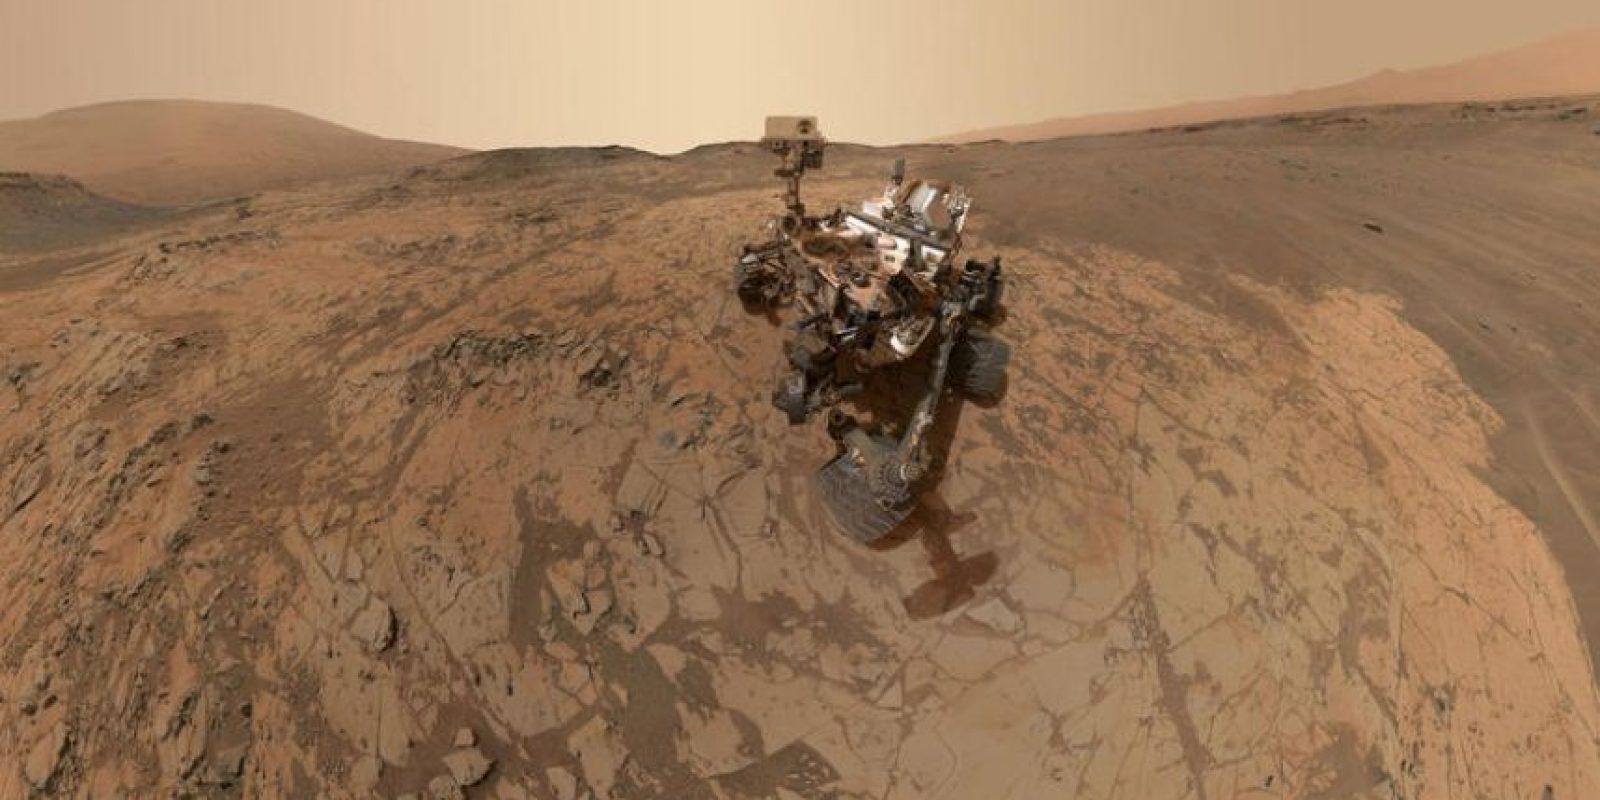 Debido a esto, la agencia espacial estadounidense espera viajar al planeta para continuar sus investigaciones. Foto:Vía nasa.gov